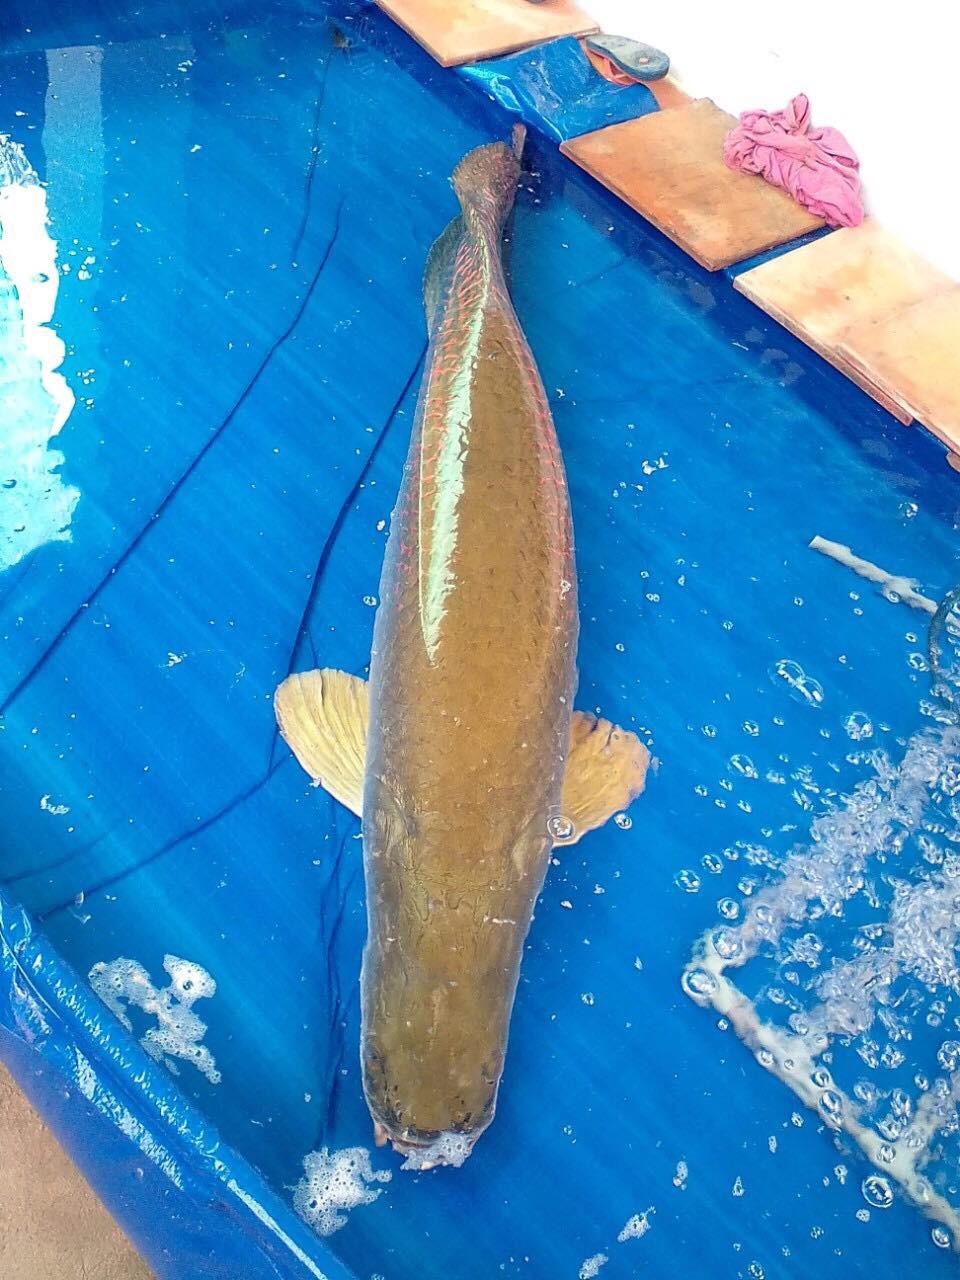 """Được trả 22 triệu đồng không bán, ngư dân Tây Ninh mang cá """"khủng"""" nặng 30kg xẻ thịt bán rẻ bèo - Ảnh 2."""